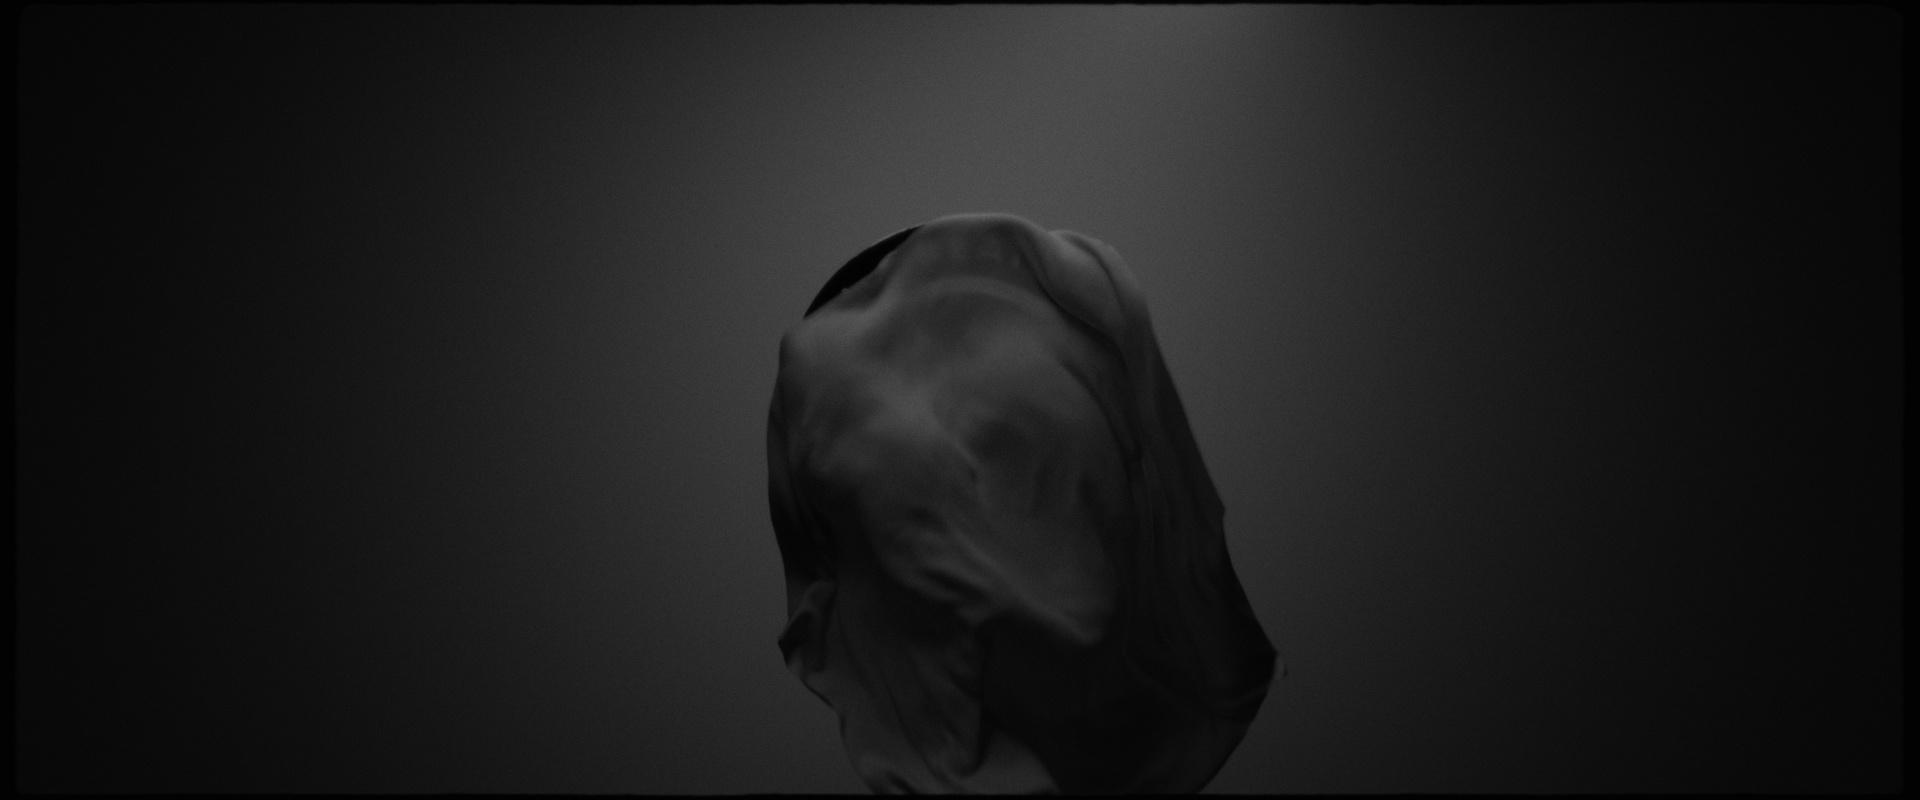 FilmGrab_00076